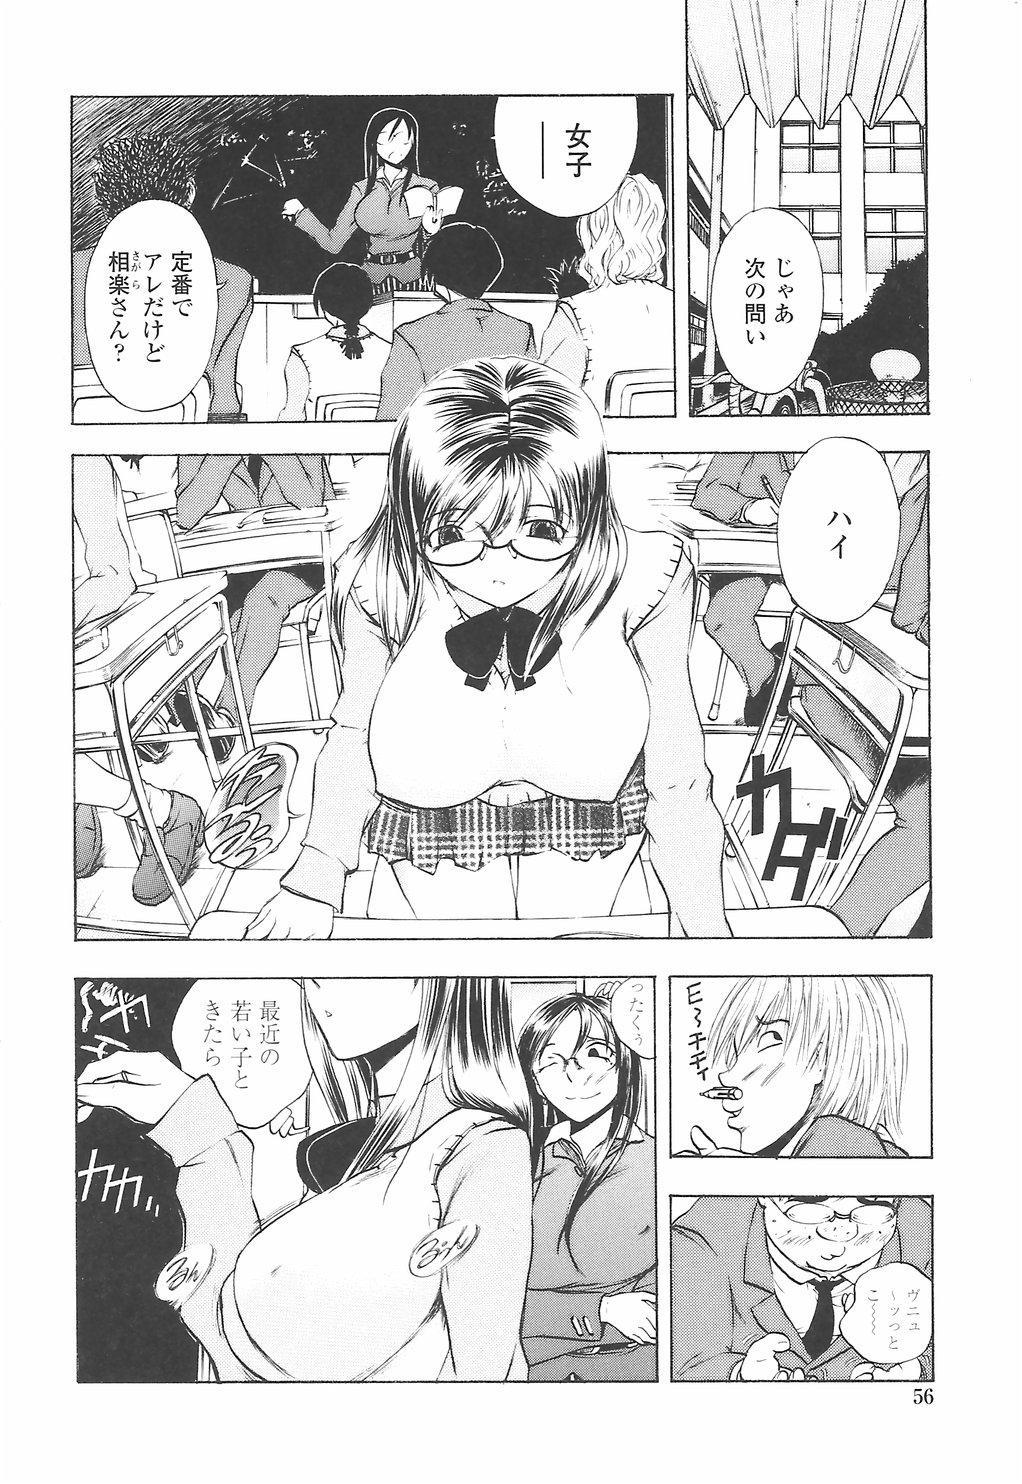 [Yuuki Tsumugi] Oshiete Ane-Tea - Teach me! my sister teacher. 59